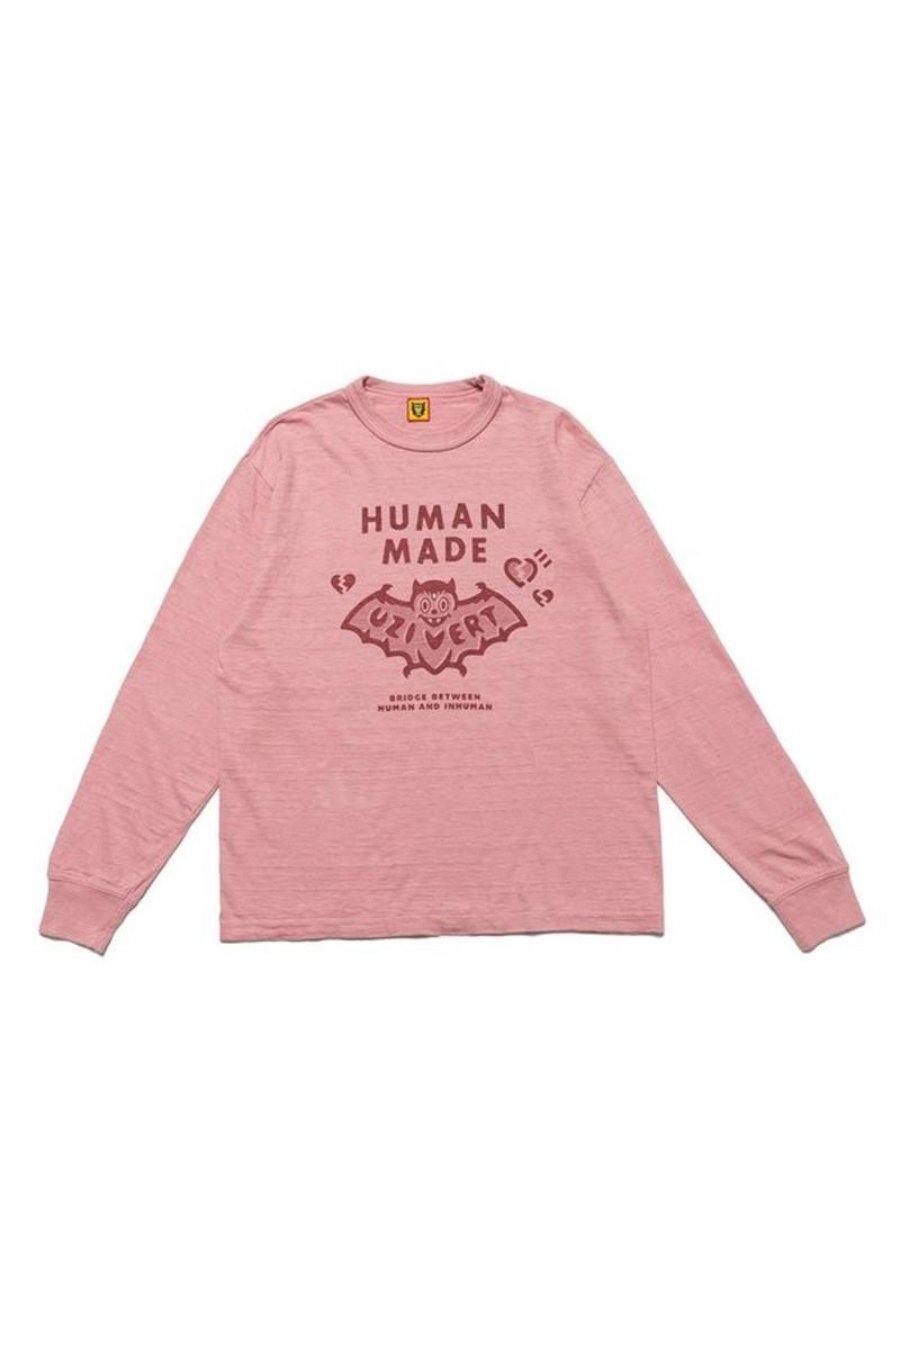 Drop Human Made / Lil Uzi y Nigos